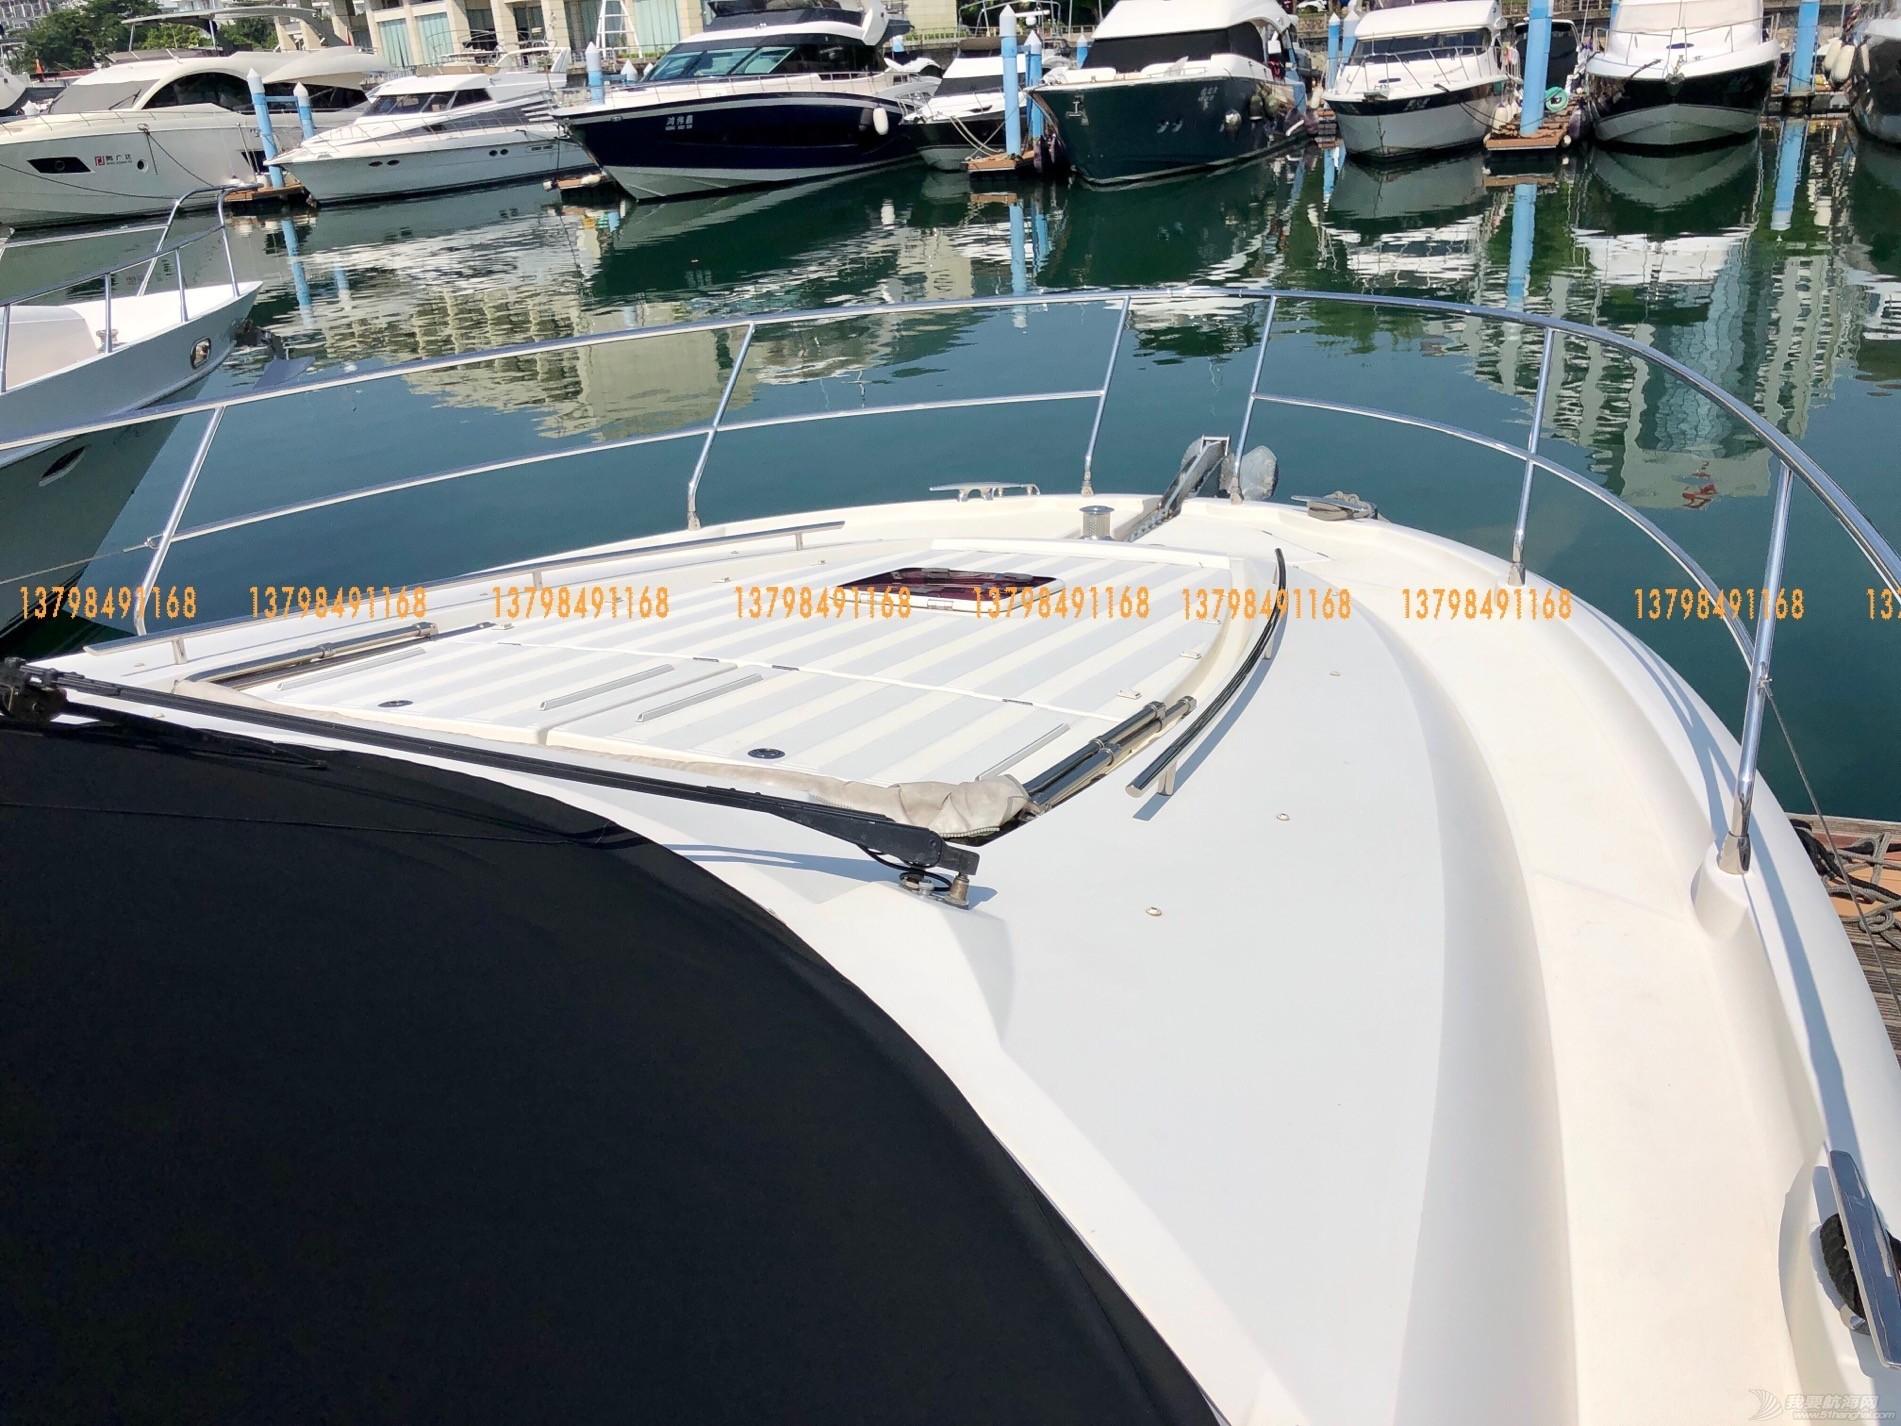 2013年法国进口51尺豪华游艇出售